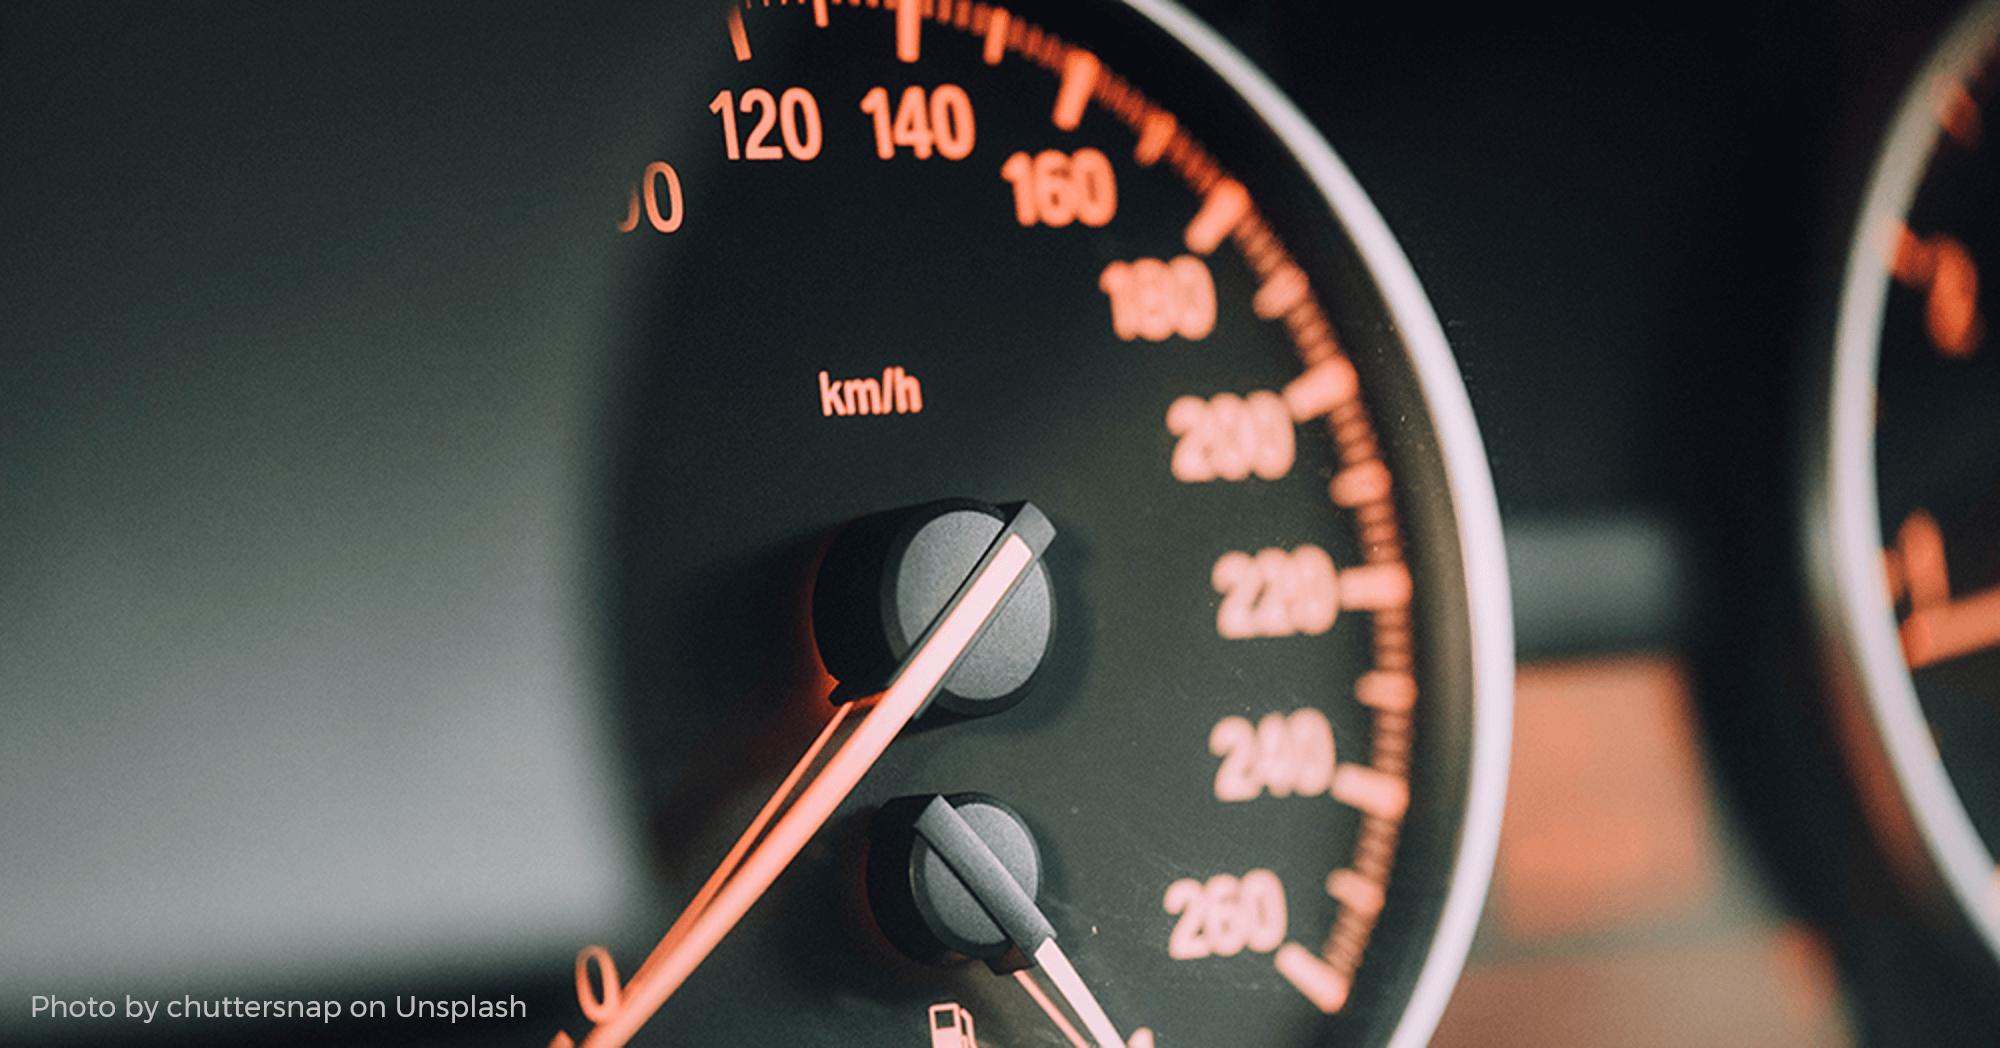 najlepsze dni i godziny publikacji na facebooku w branzy motoryzacyjnej